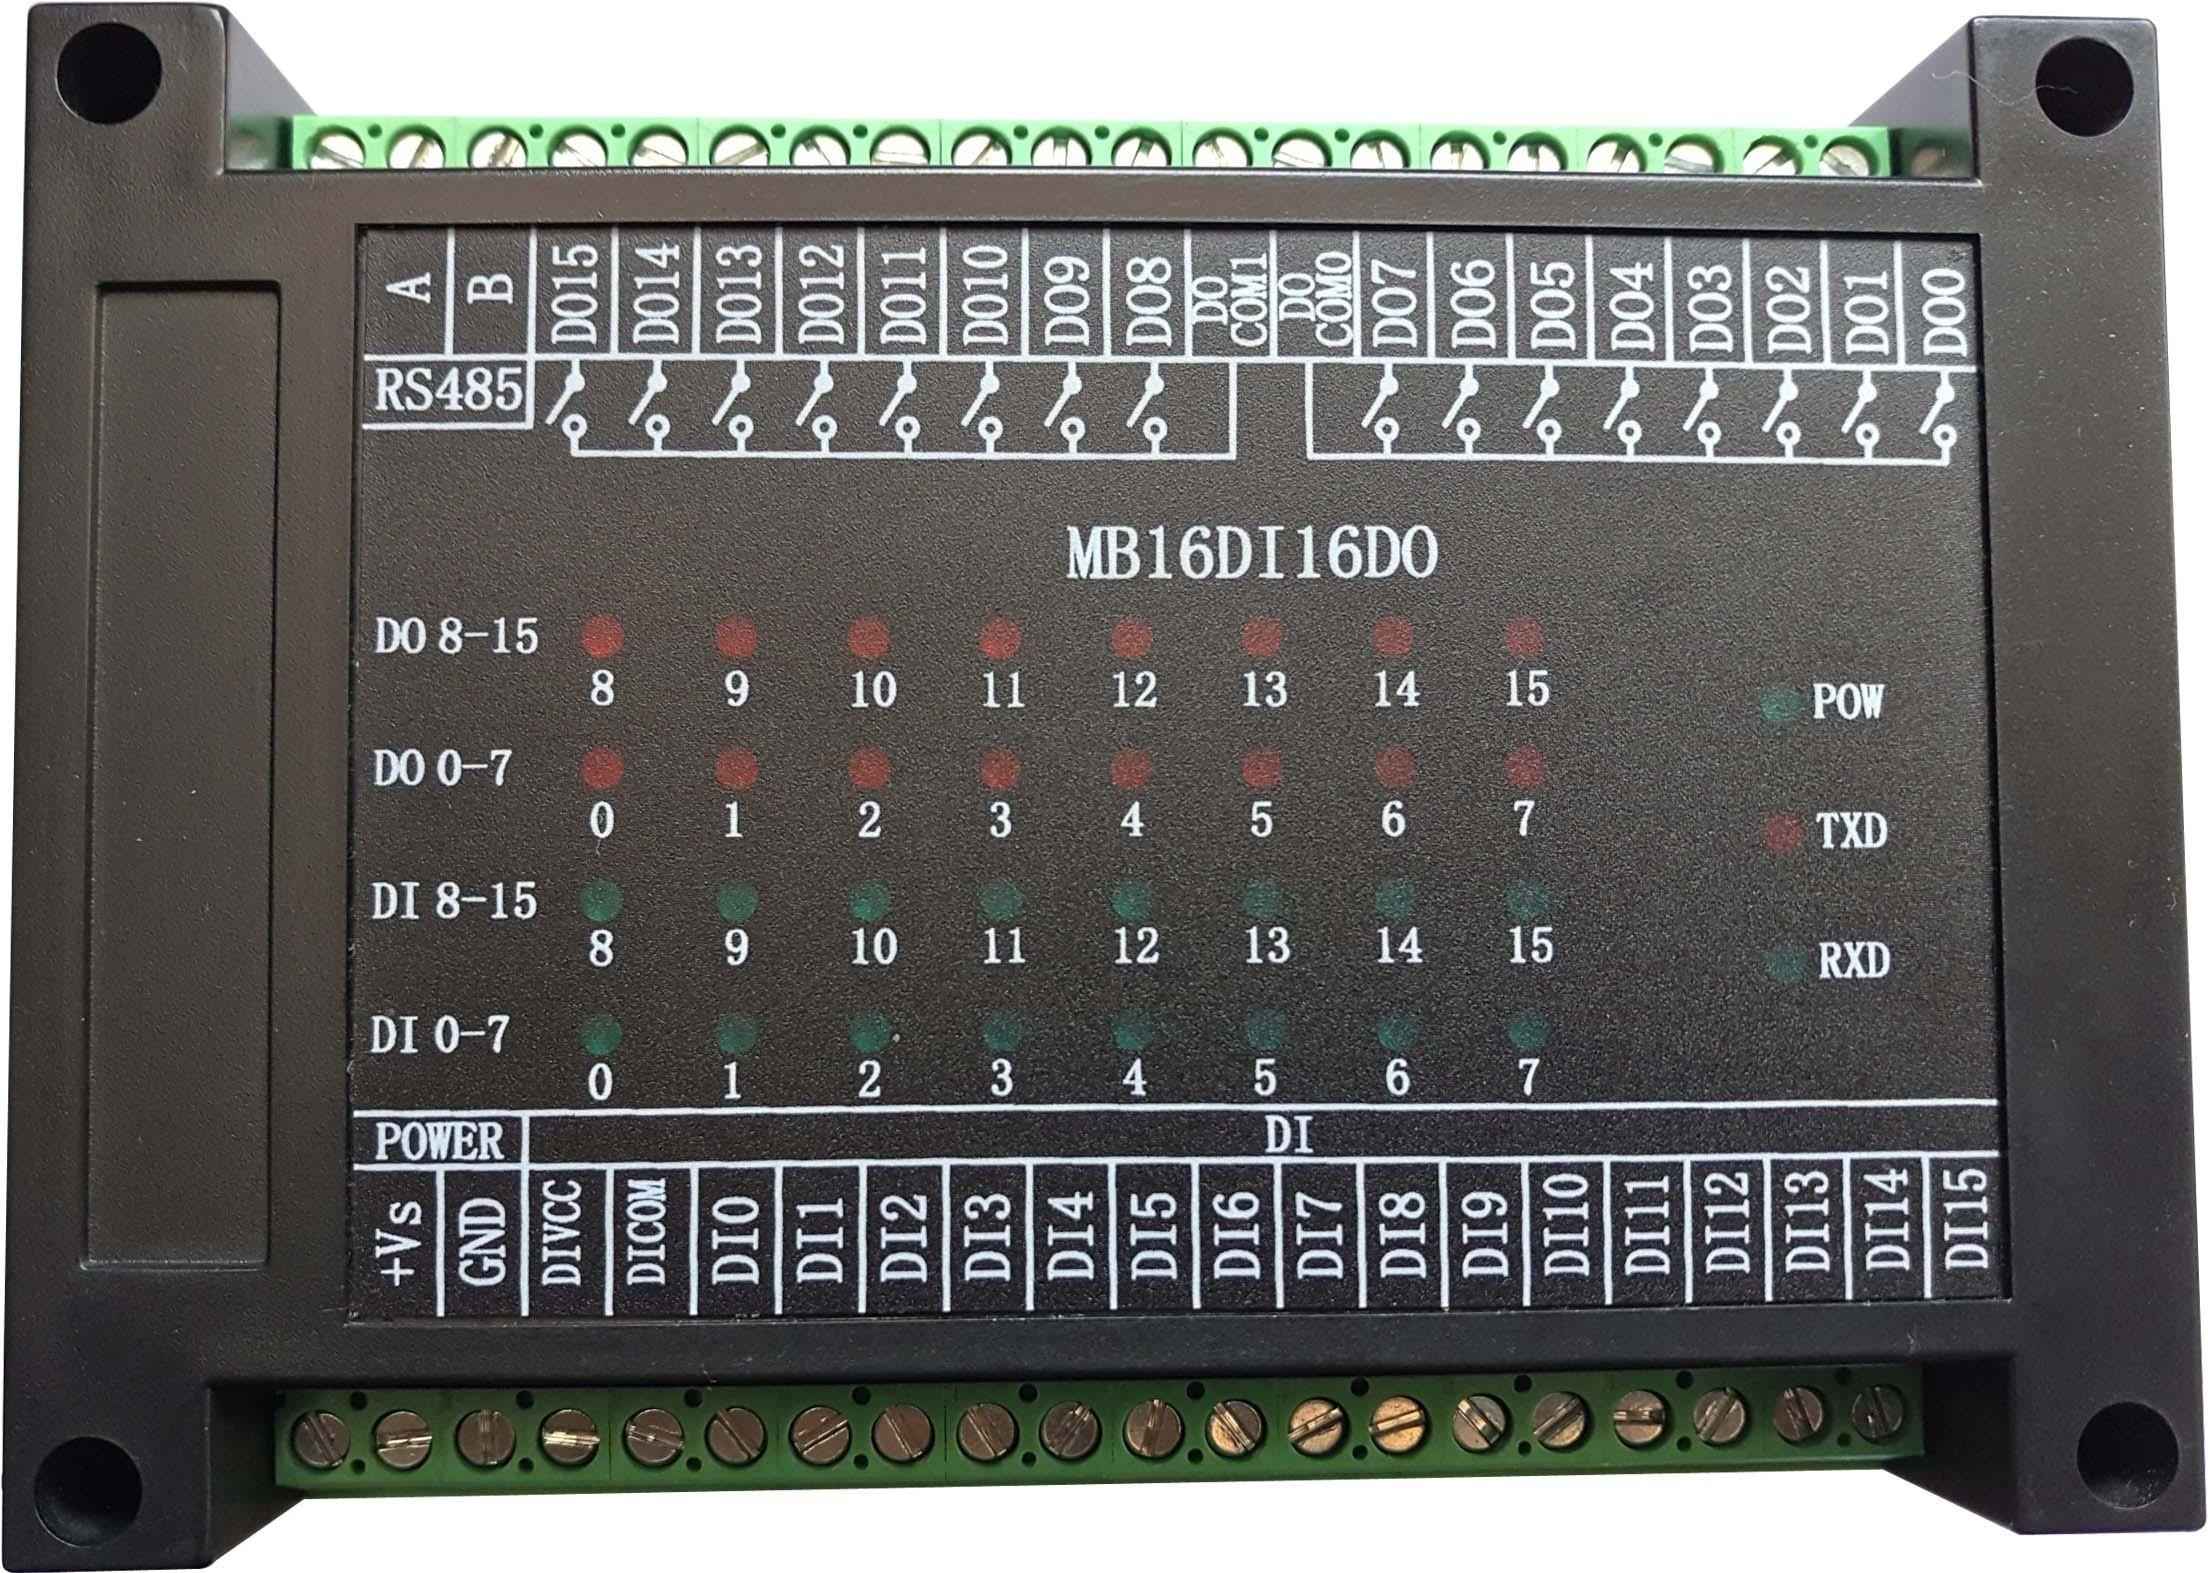 Schakelaar Input en Output 16 Kanaals Open in 16 Kanaals Relais Uitgang Module RS485 MODBUS RTU Communicatie-in Air conditioner onderdelen van Huishoudelijk Apparatuur op  Groep 1